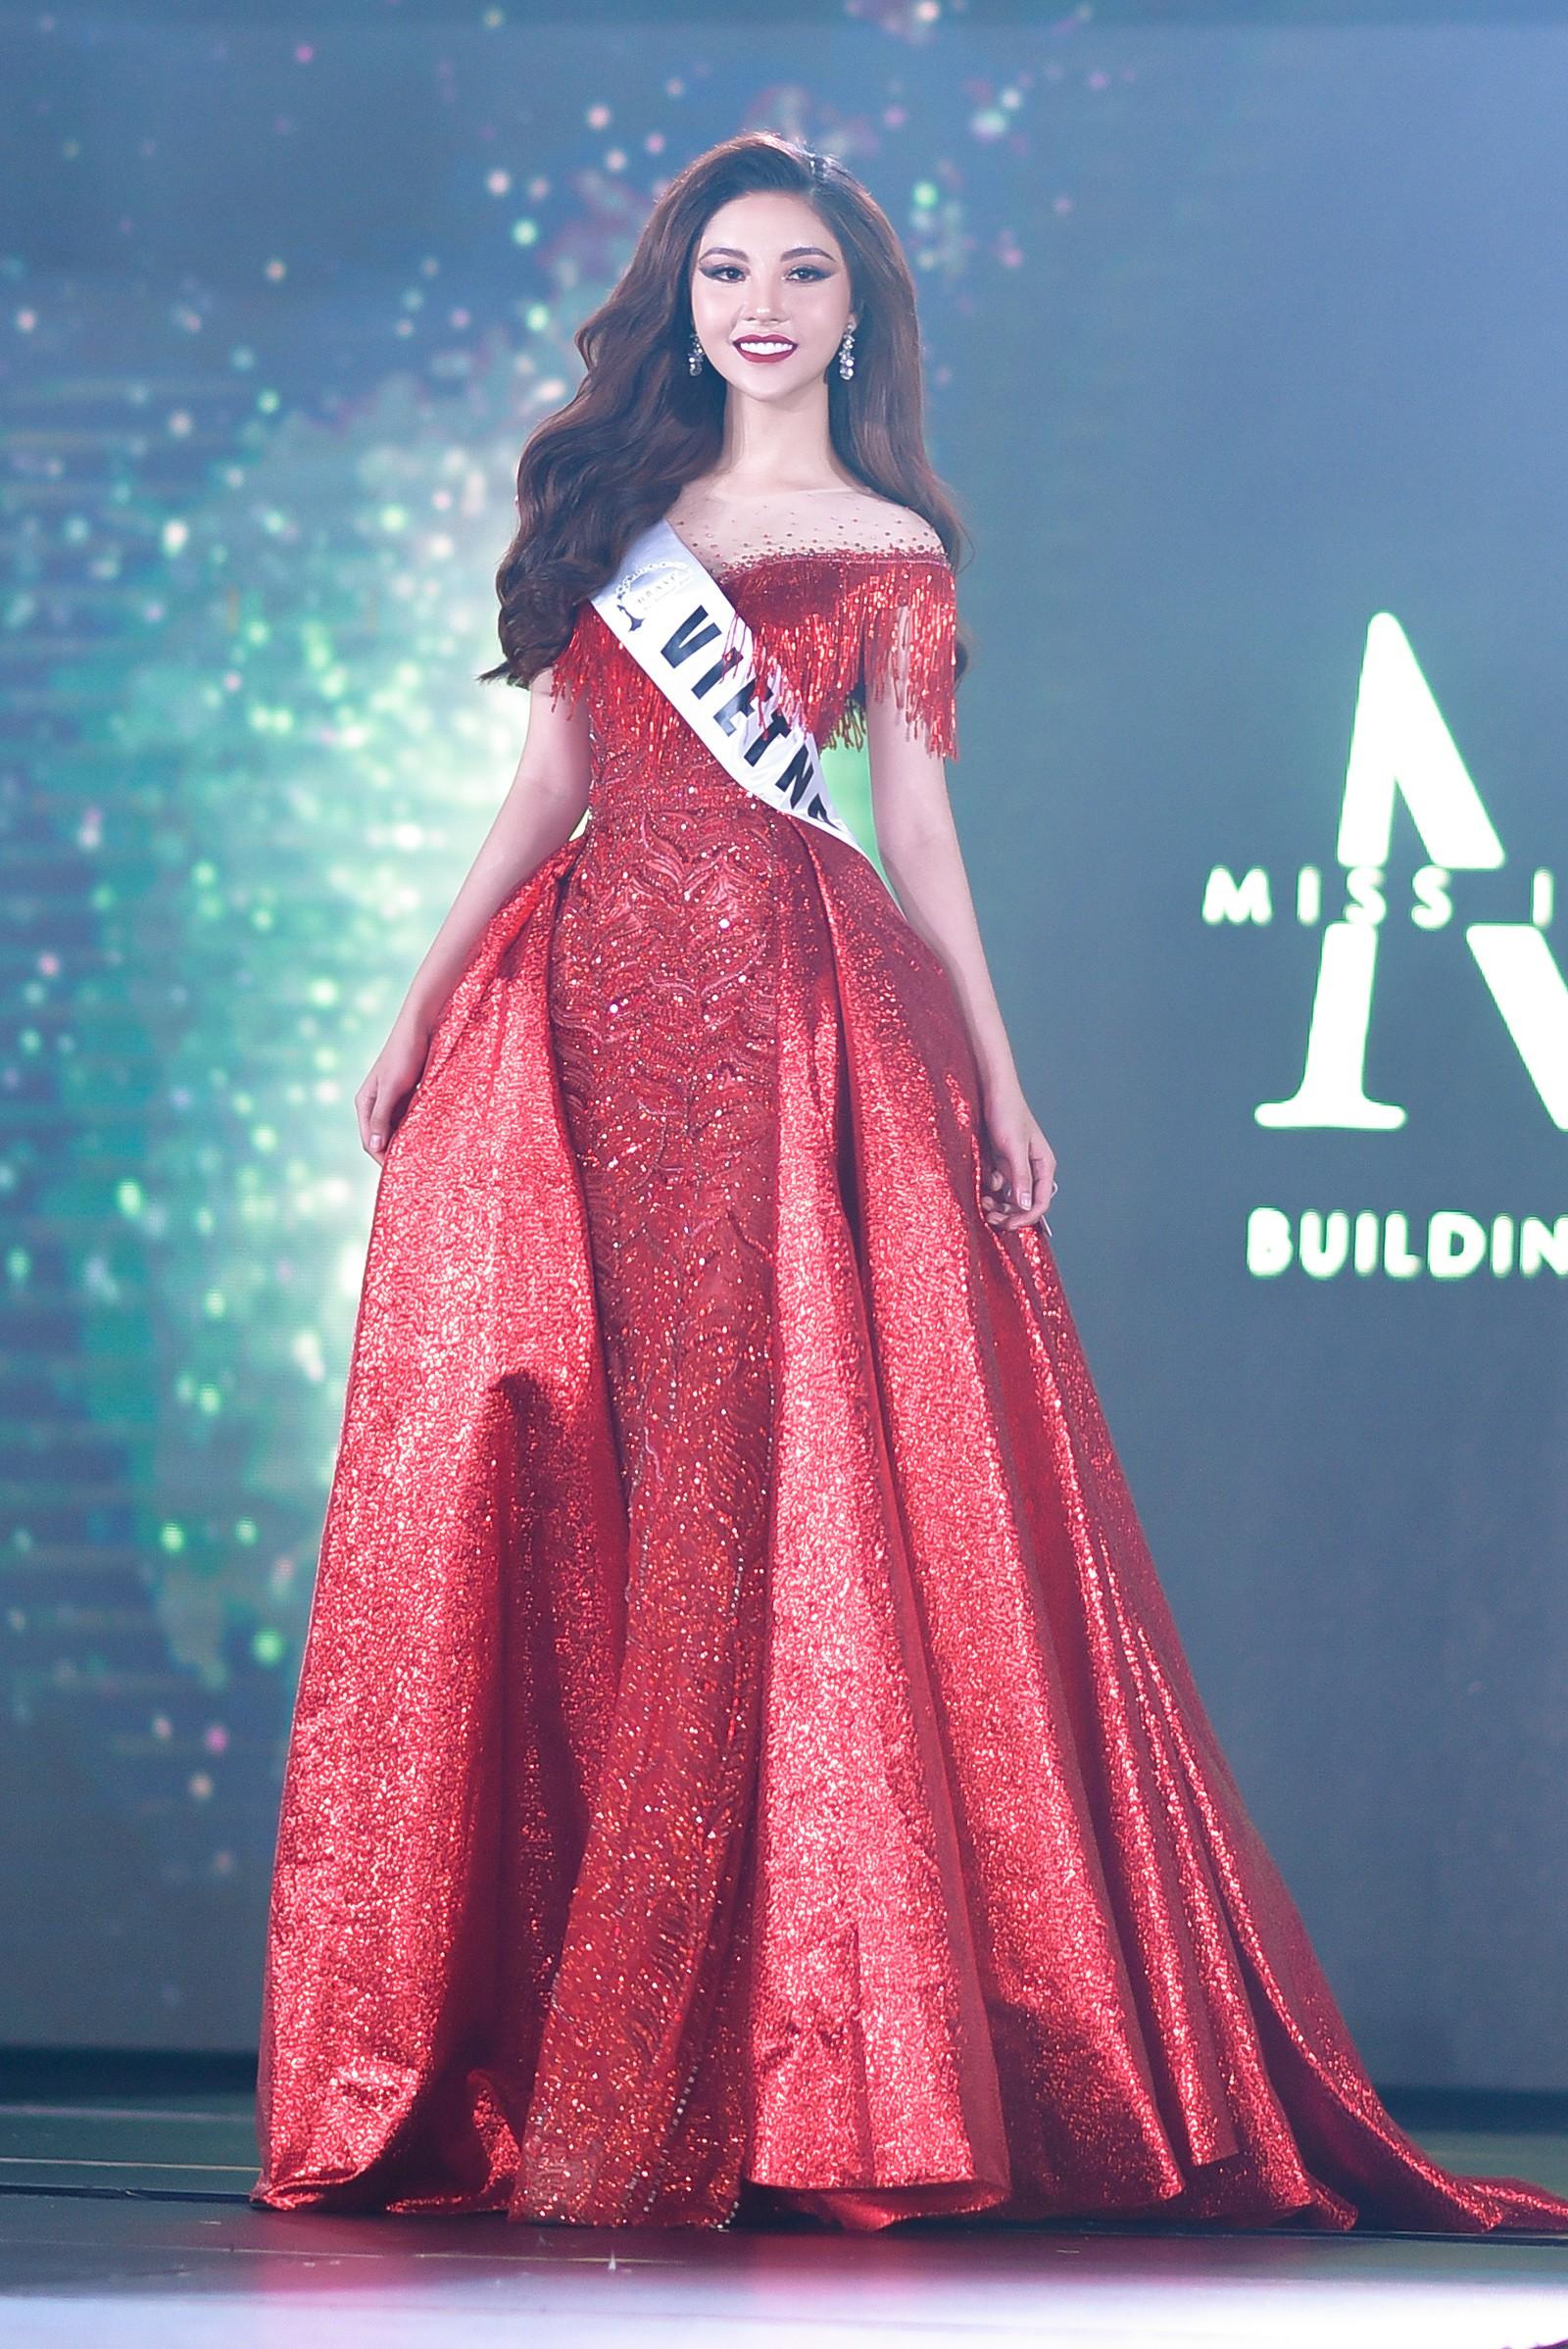 Người đẹp Bạc Liêu đăng quang Hoa hậu Quốc tế Toàn cầu 2019 - Ảnh 5.